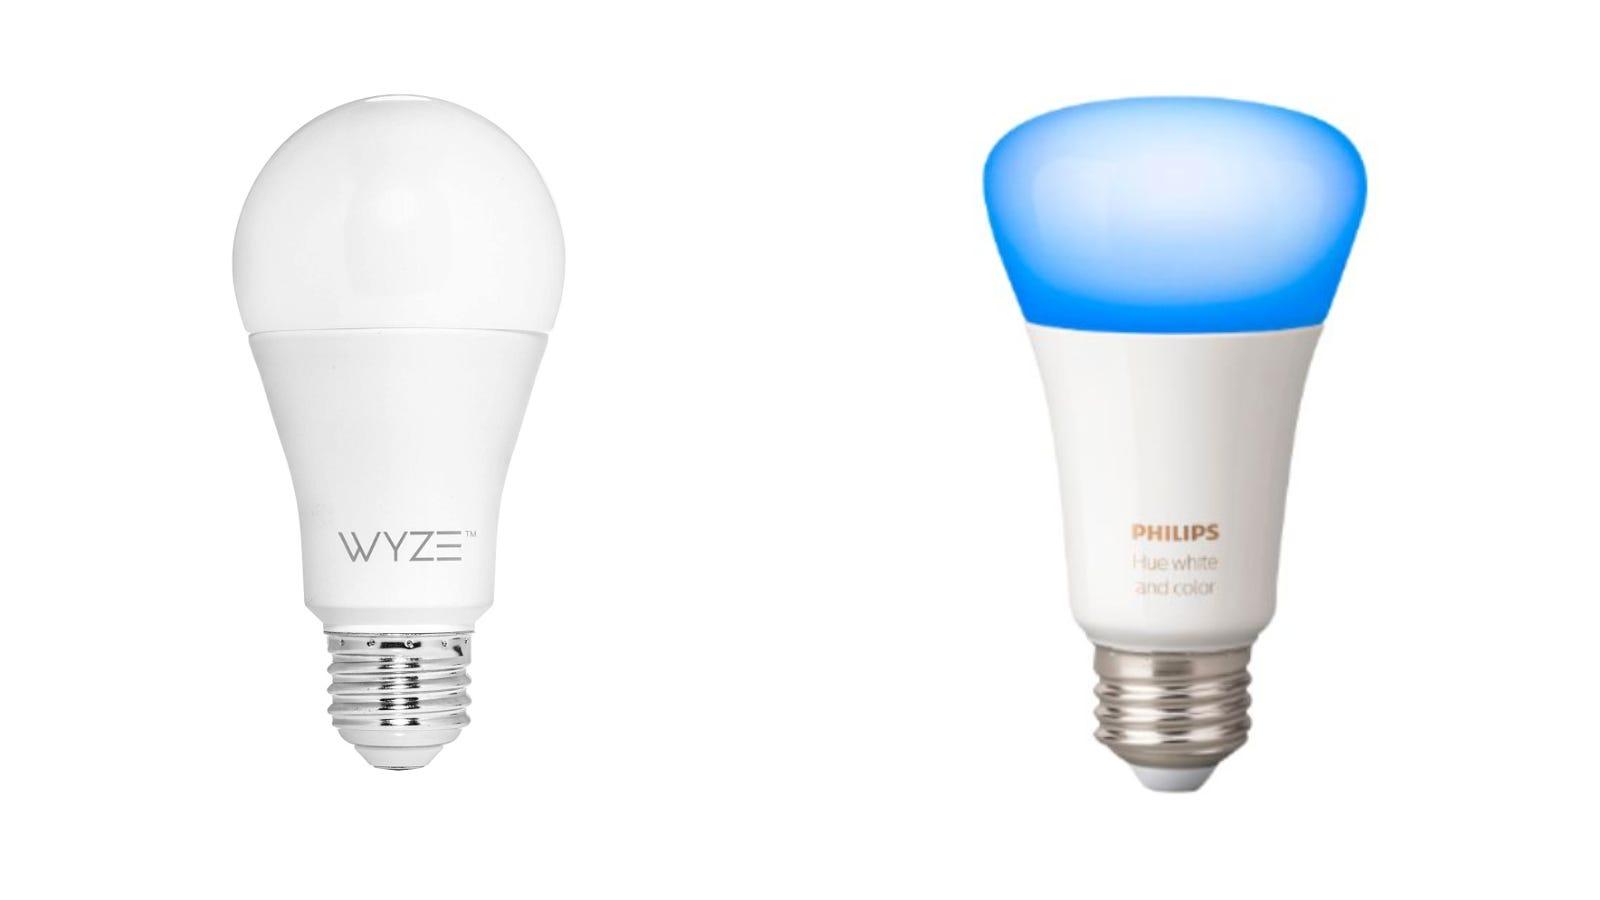 Wyze Bulbs and Phillips Hue